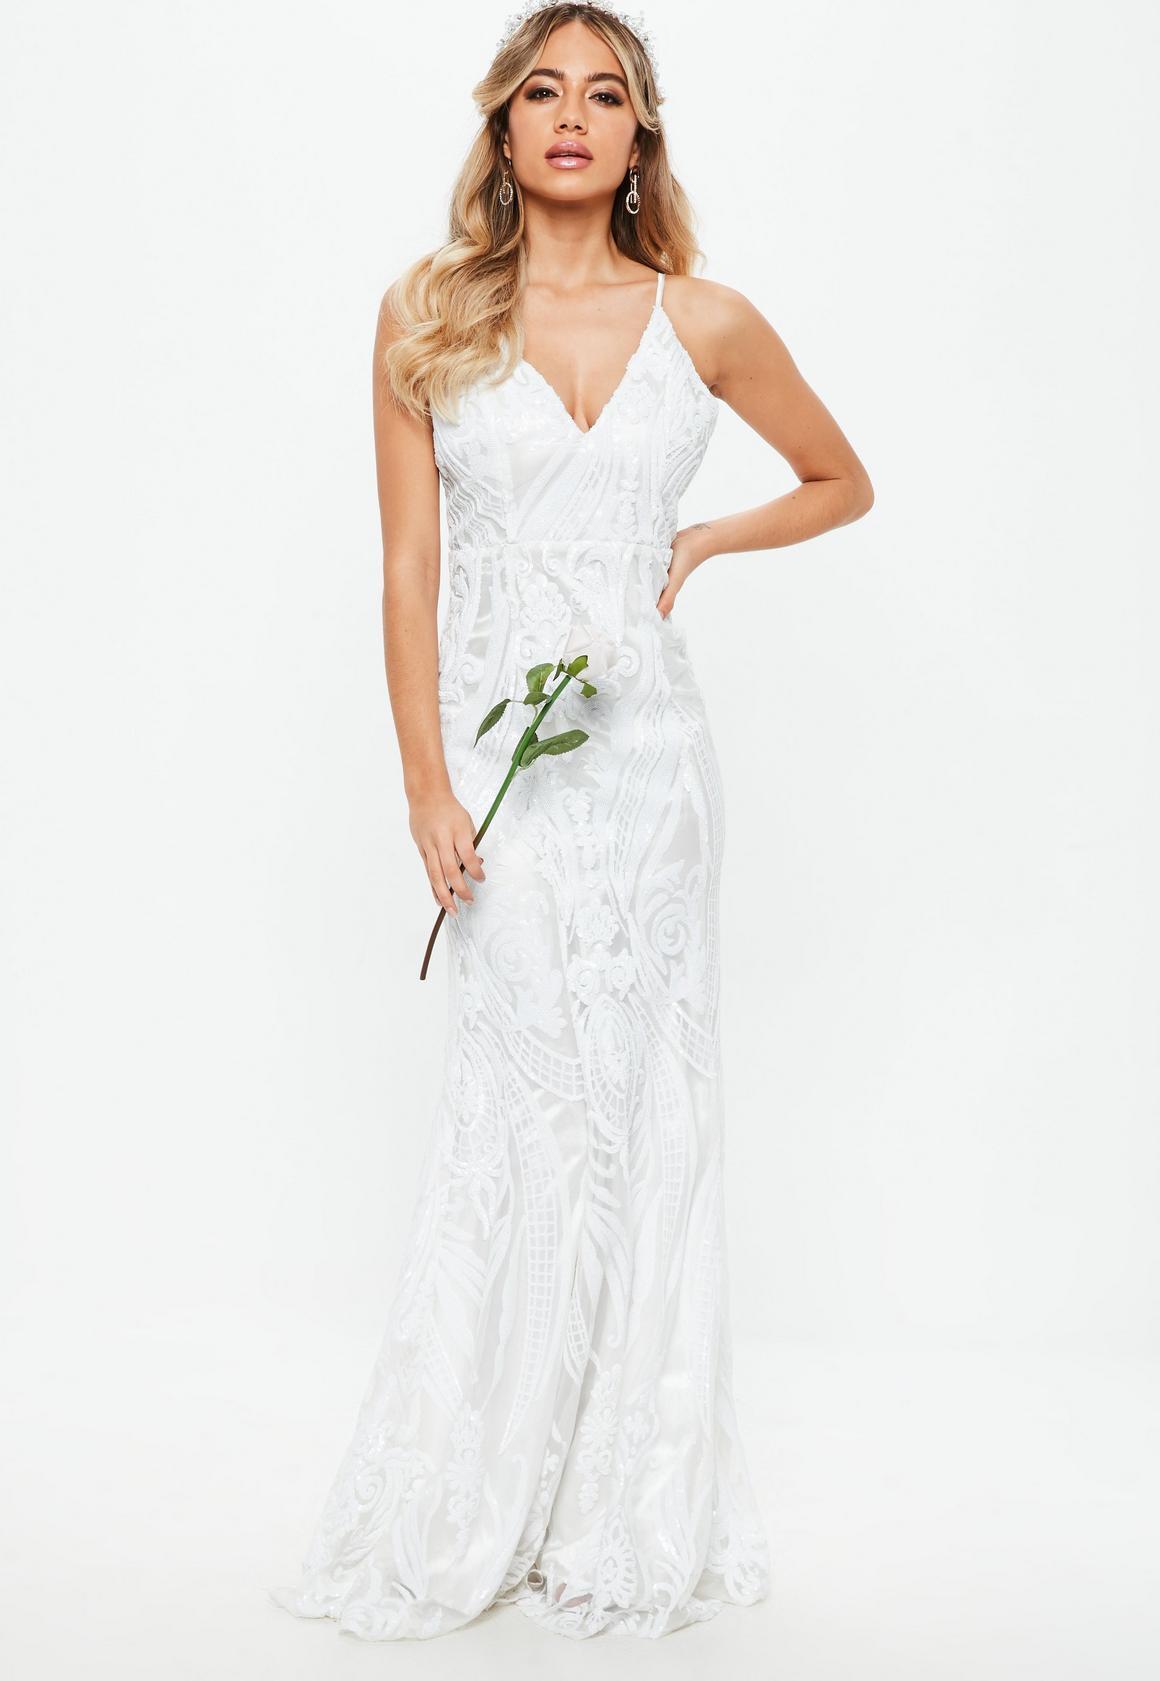 Erfreut Bh Unter Hochzeitskleid Fotos - Hochzeit Kleid Stile Ideen ...